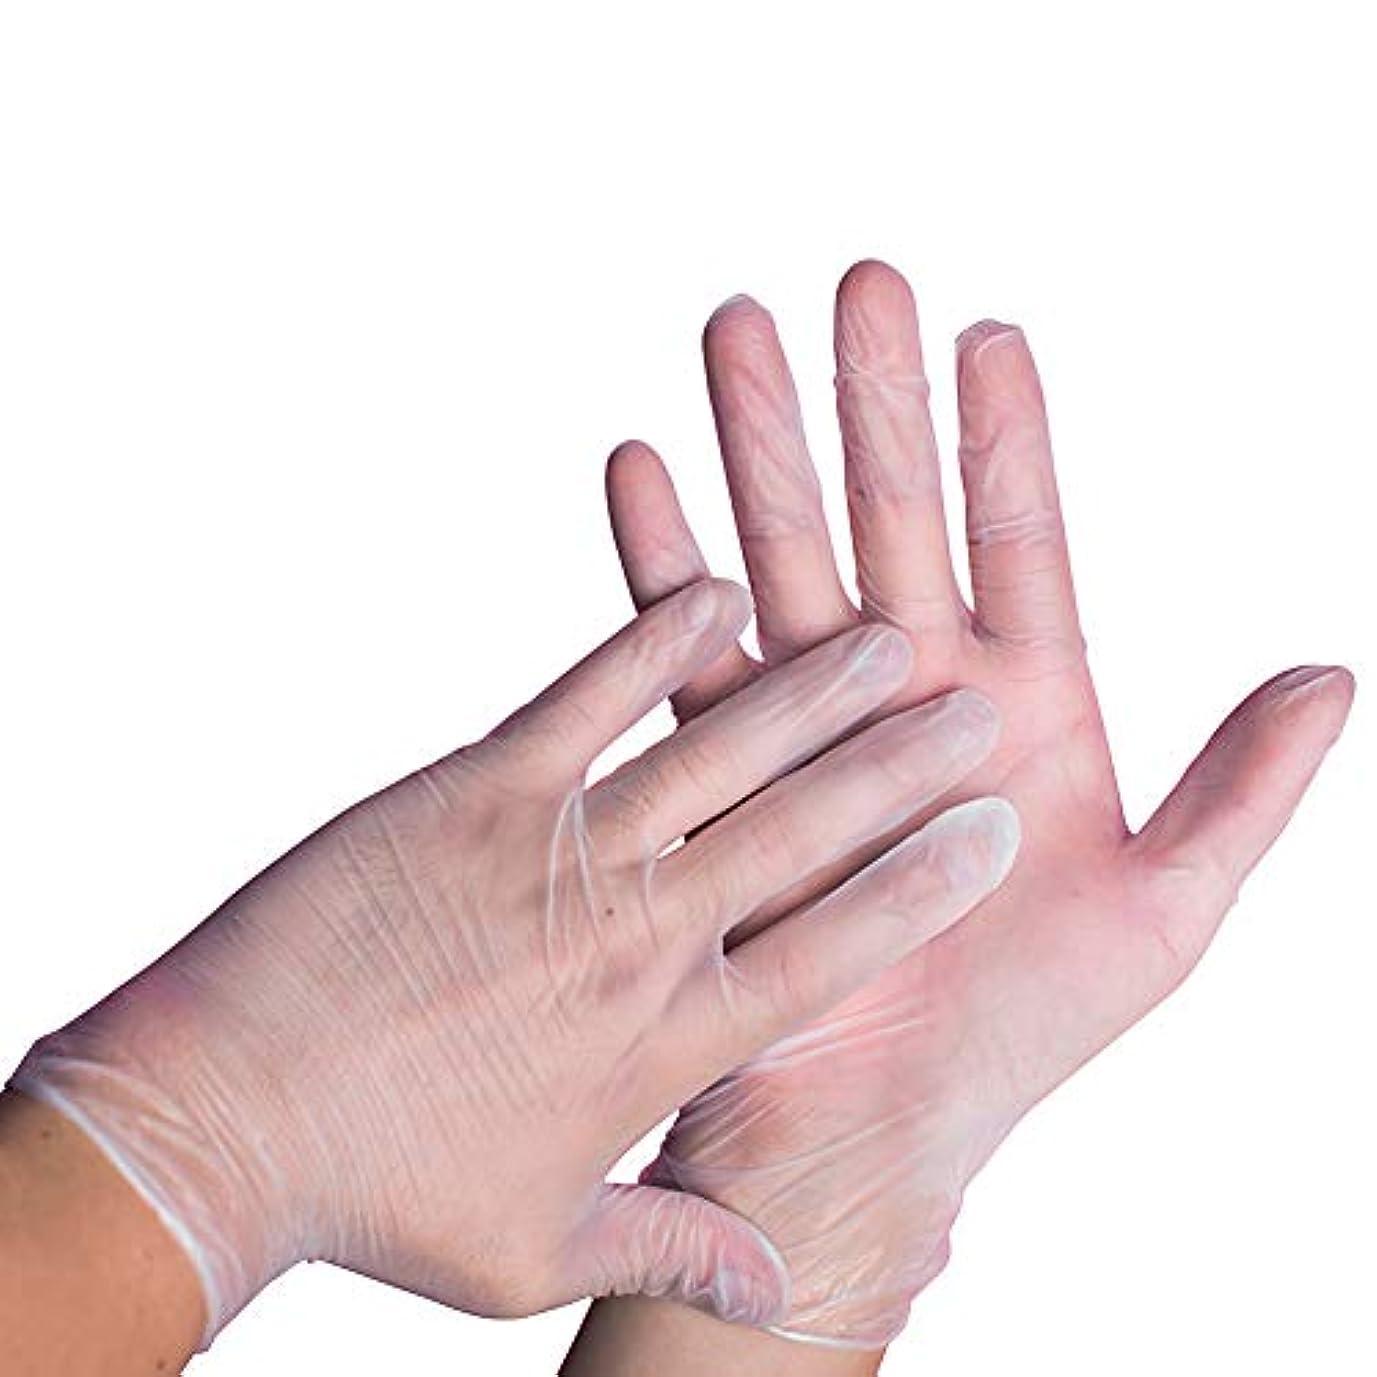 スタウト遺棄されたゴールドLuka 使い捨てPVC手袋 透明 粉フリー ビニール手袋 家庭用 検査用手袋